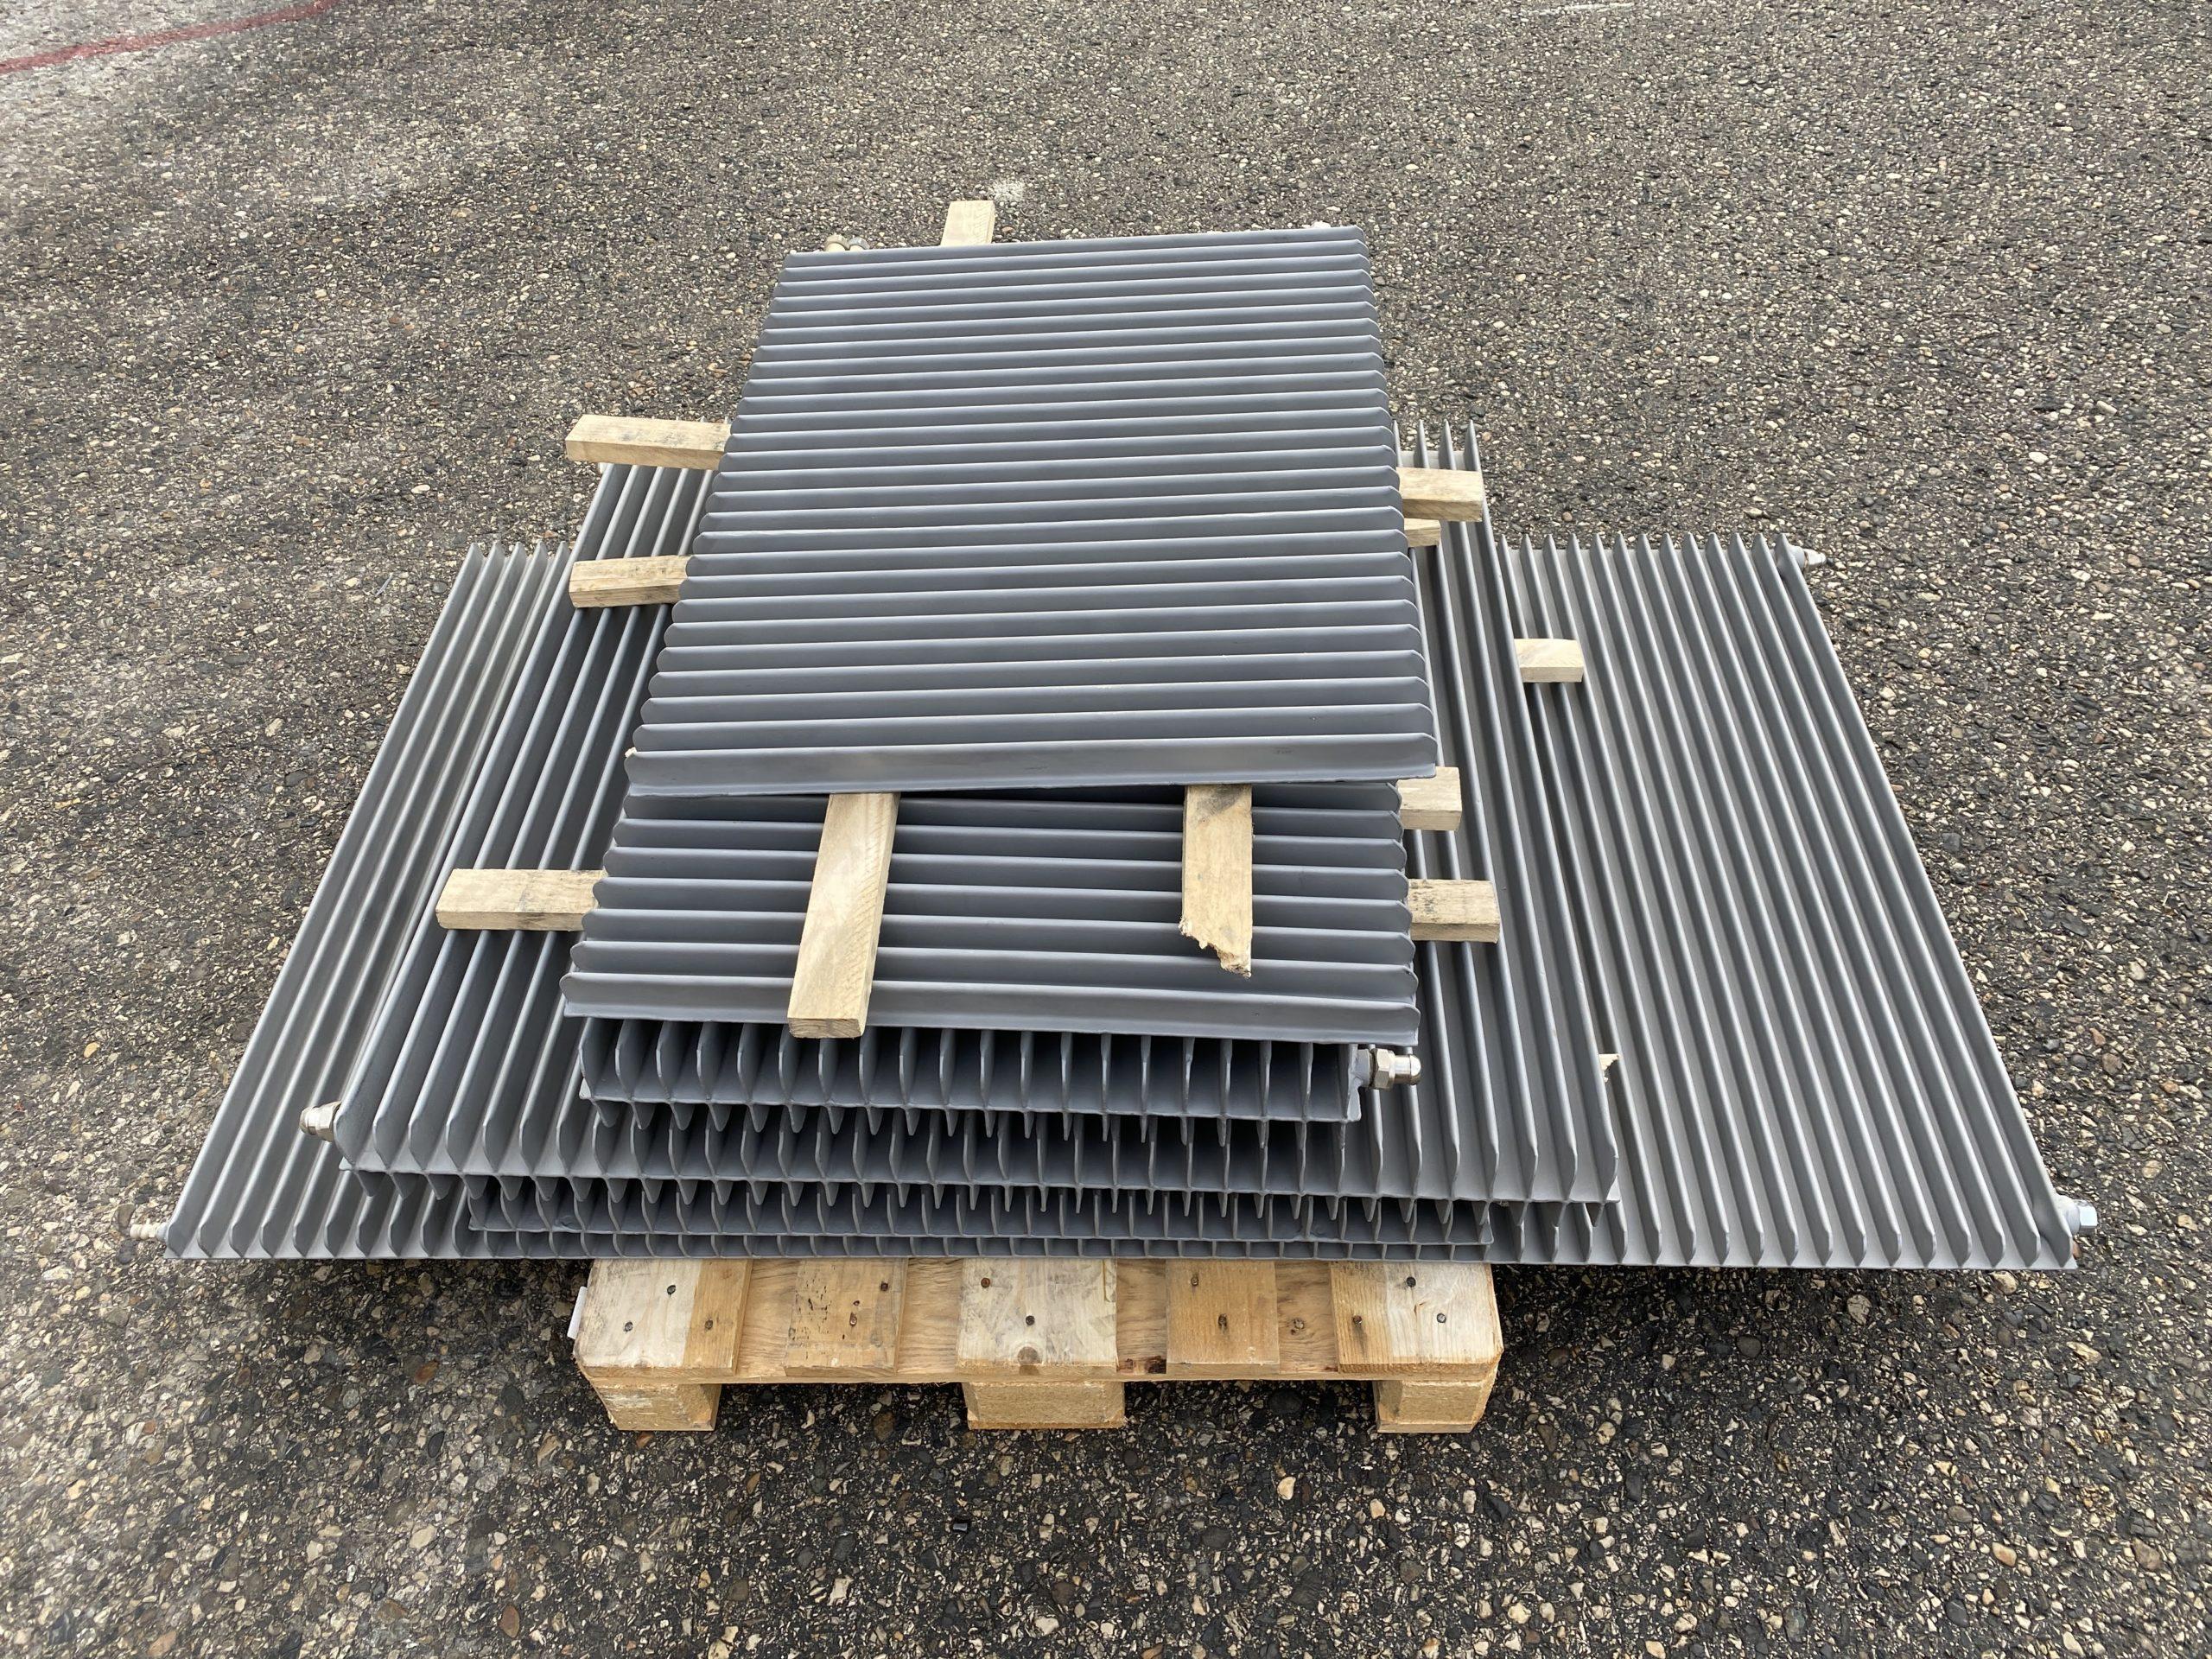 Sablage de radiateurs en acier par notre département sablage